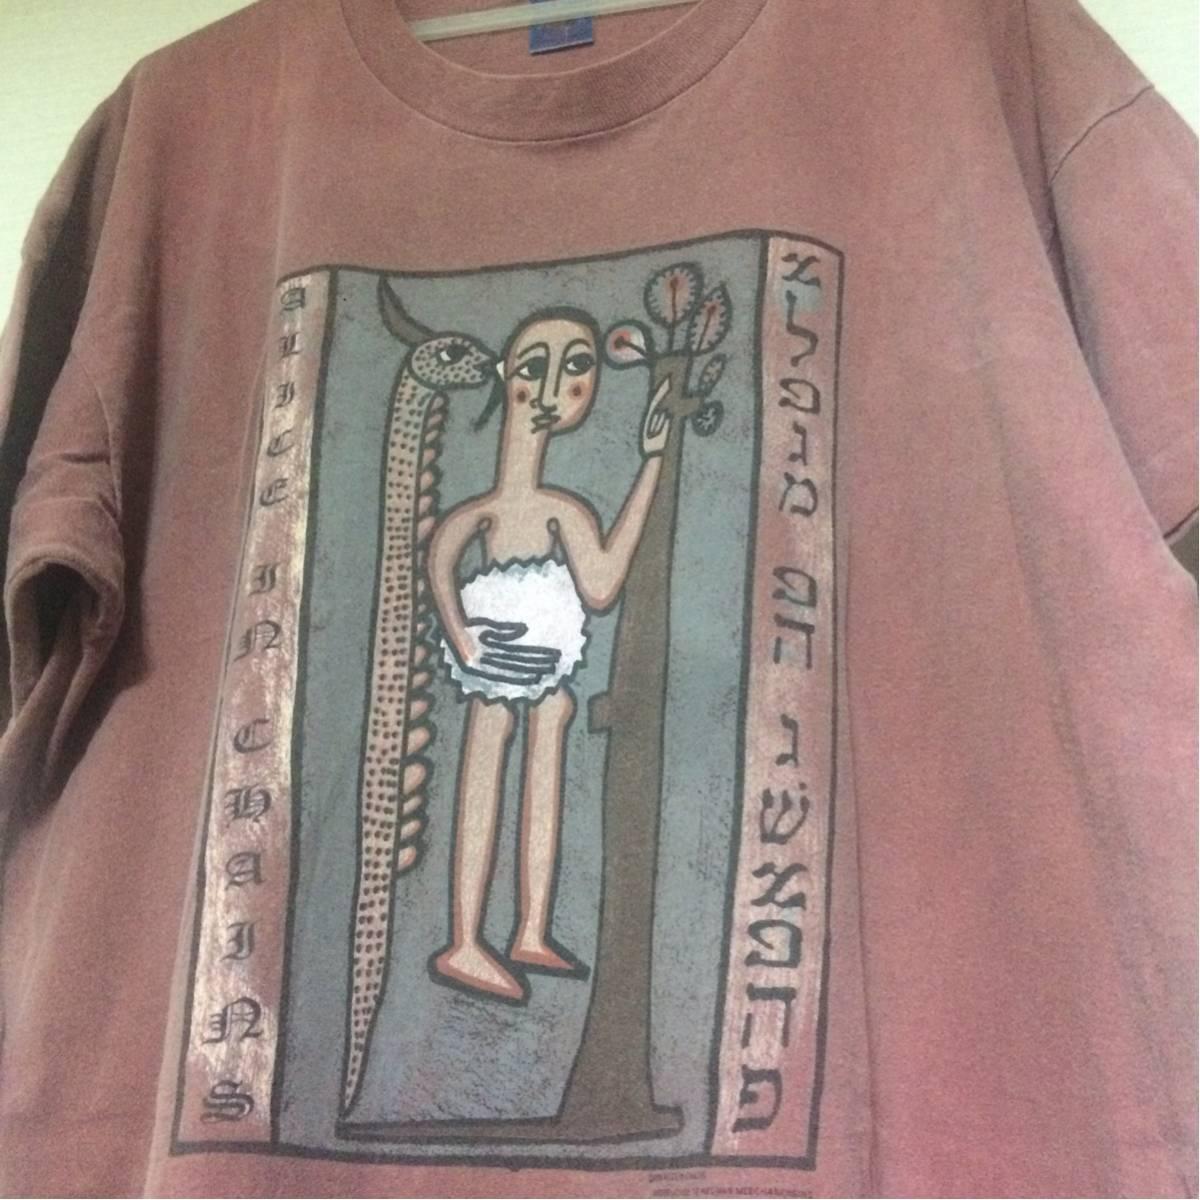 94年 Alice in chains Tシャツ ビンテージ 90s アリスインチェインズ USA製 nirvana soundgarden pearl jam